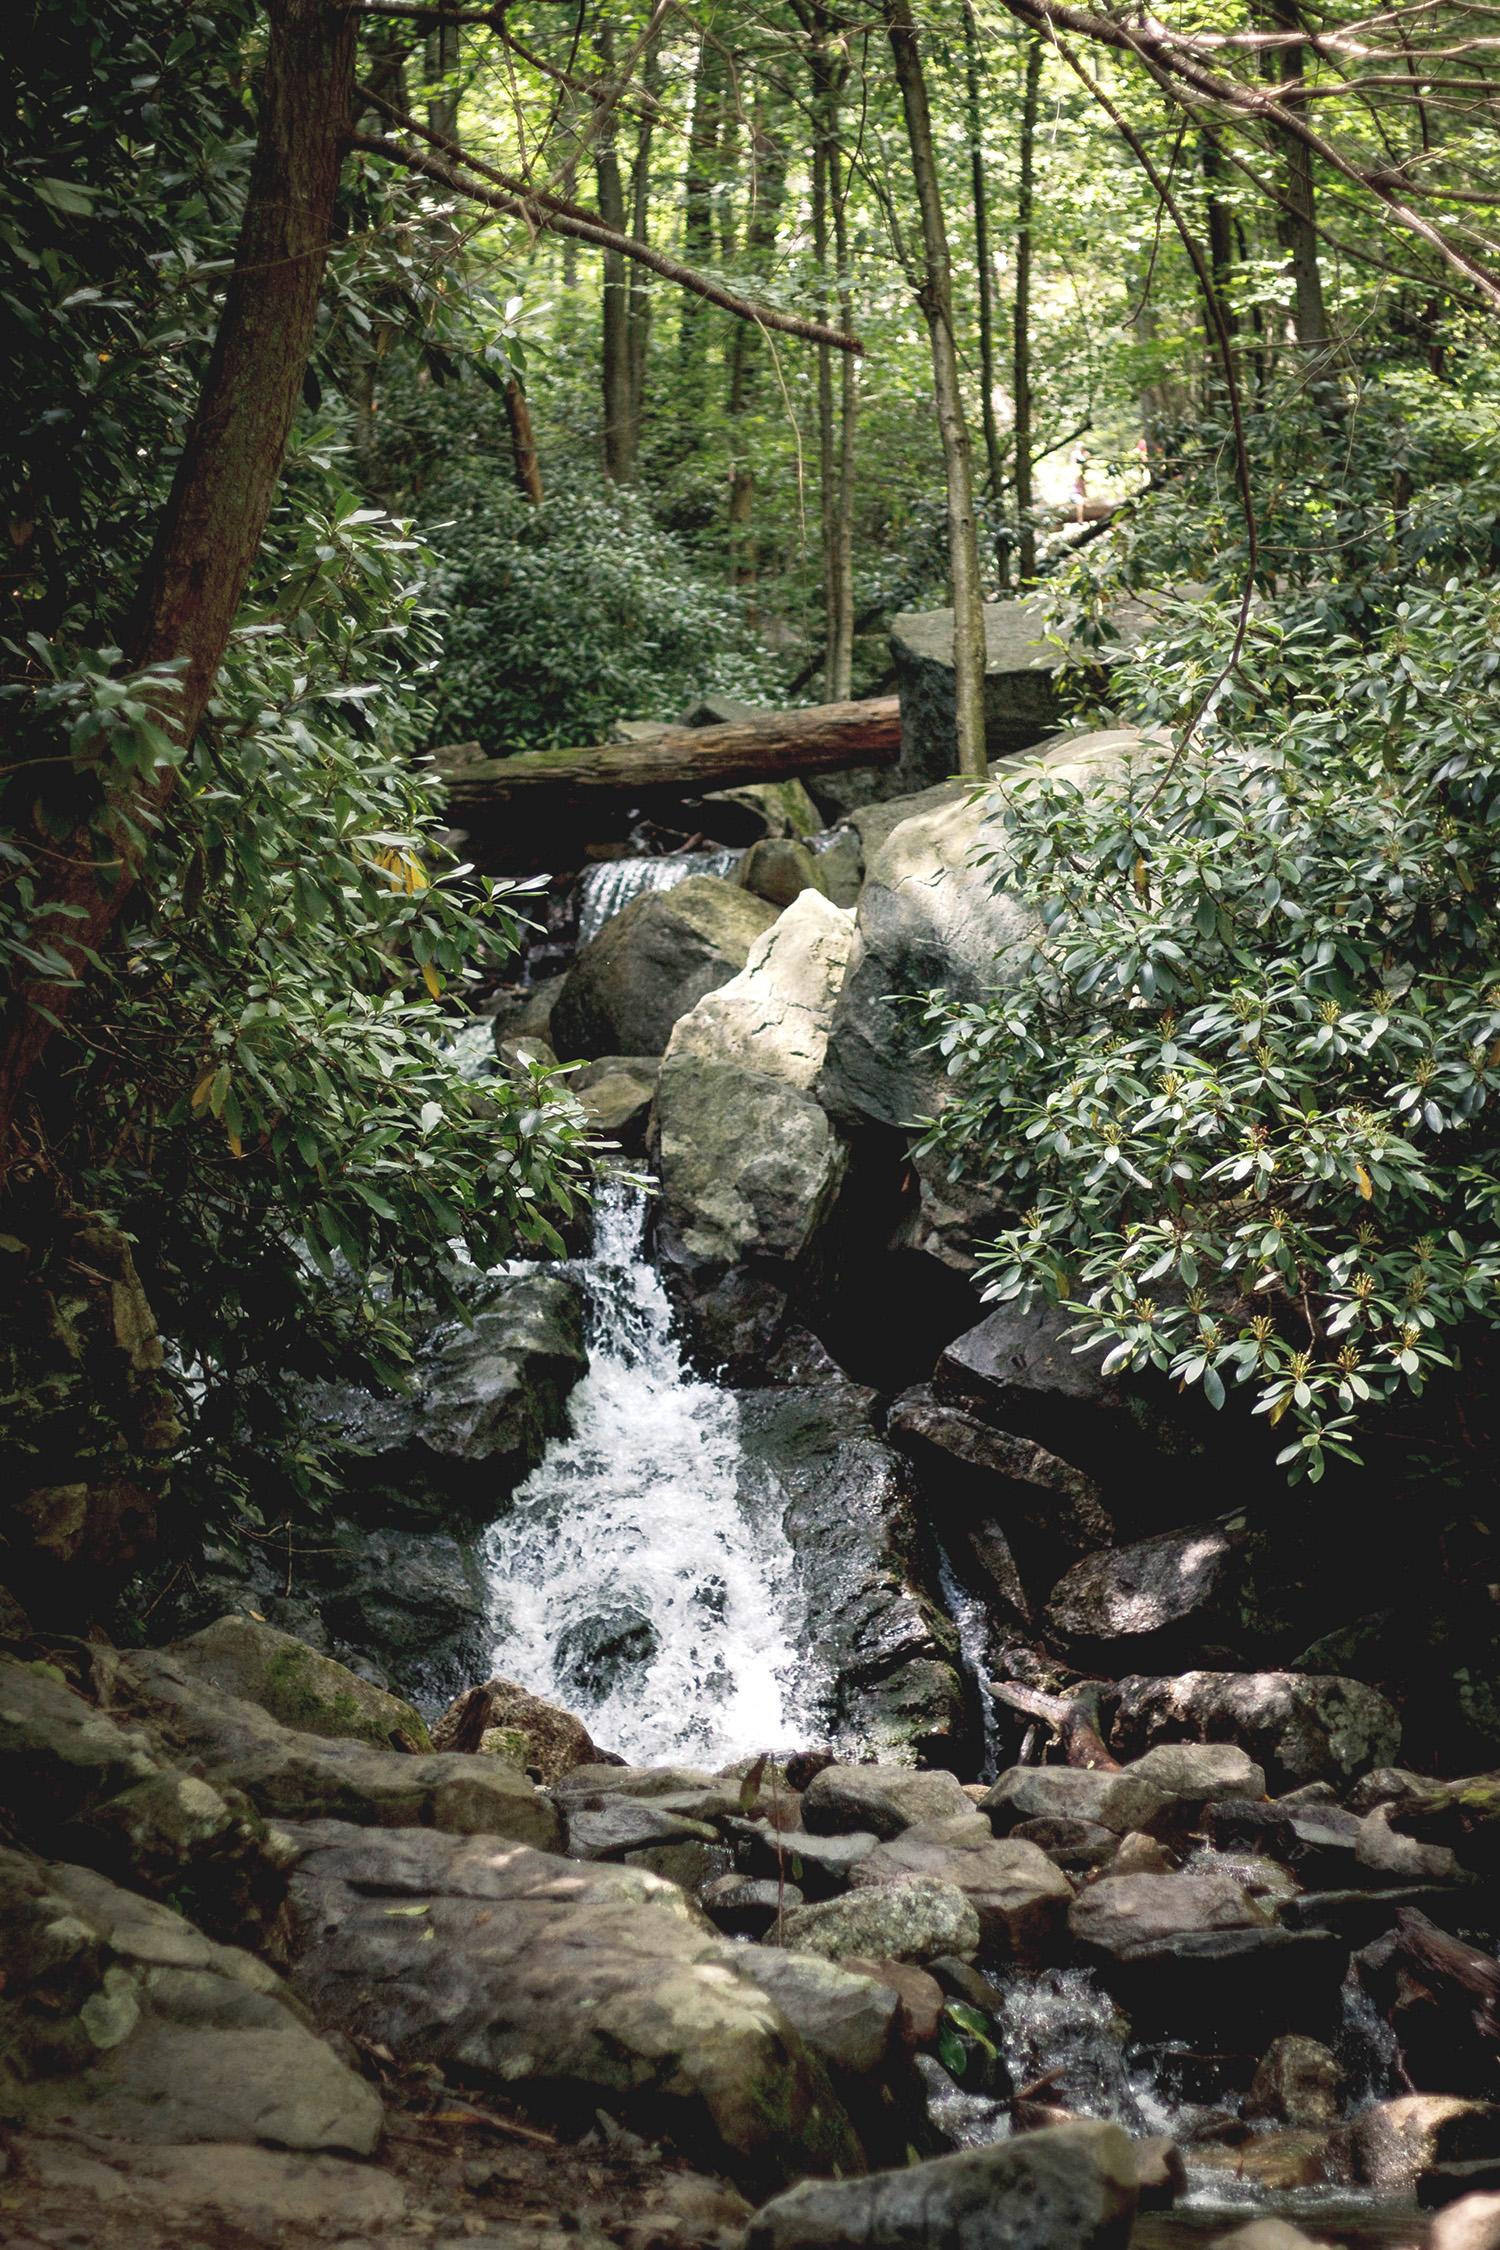 glen onoko falls | image via: bekuh b.